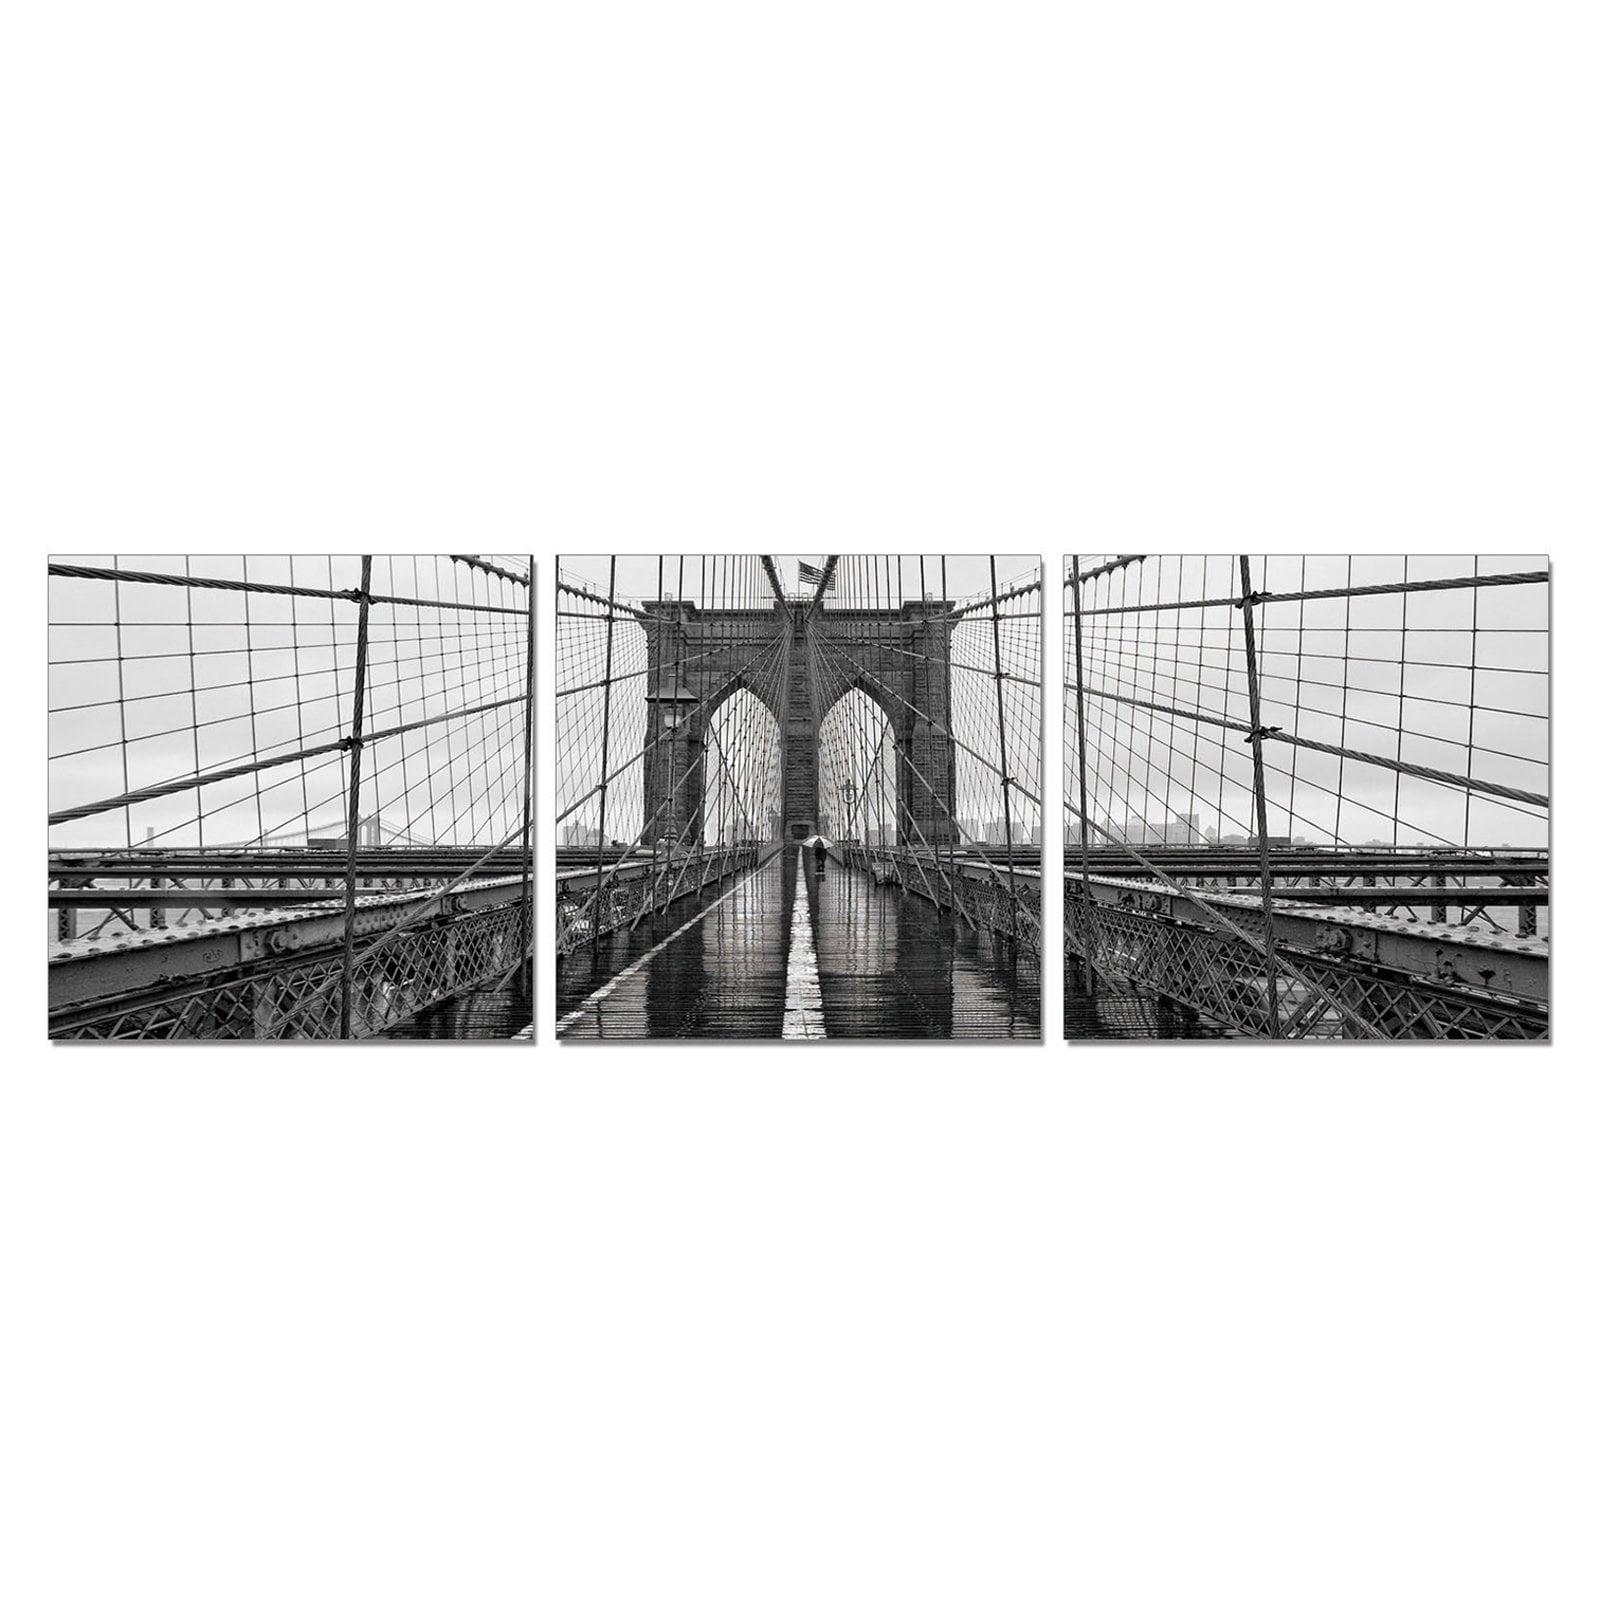 Furinno SeniA Brooklyn Bridge 3-Panel MDF Framed Photography Triptych Print, 48 x 16-in